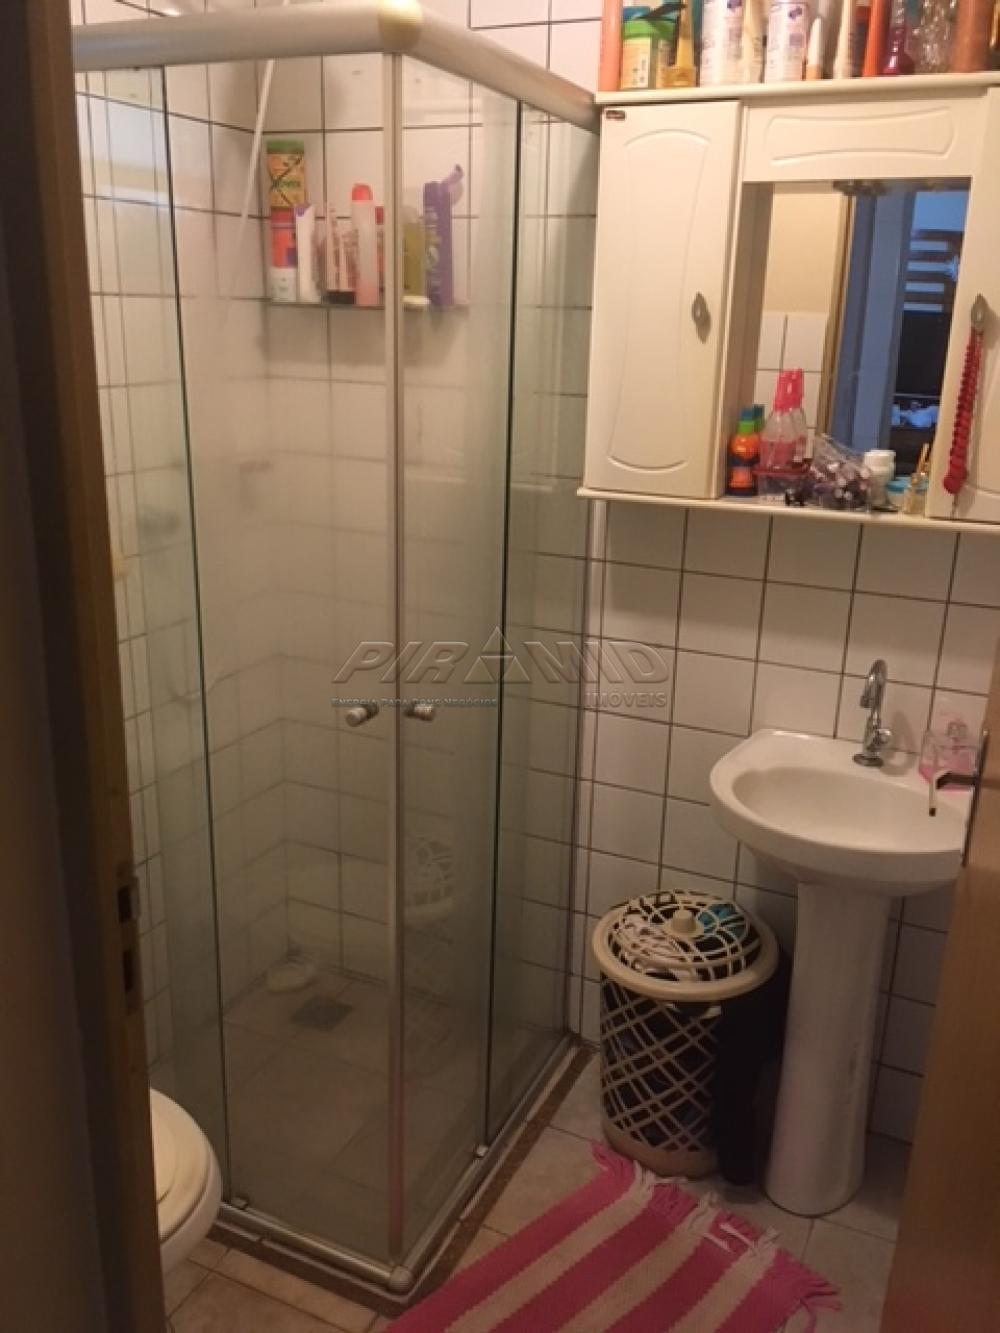 Comprar Apartamento / Padrão em Ribeirão Preto apenas R$ 106.000,00 - Foto 8